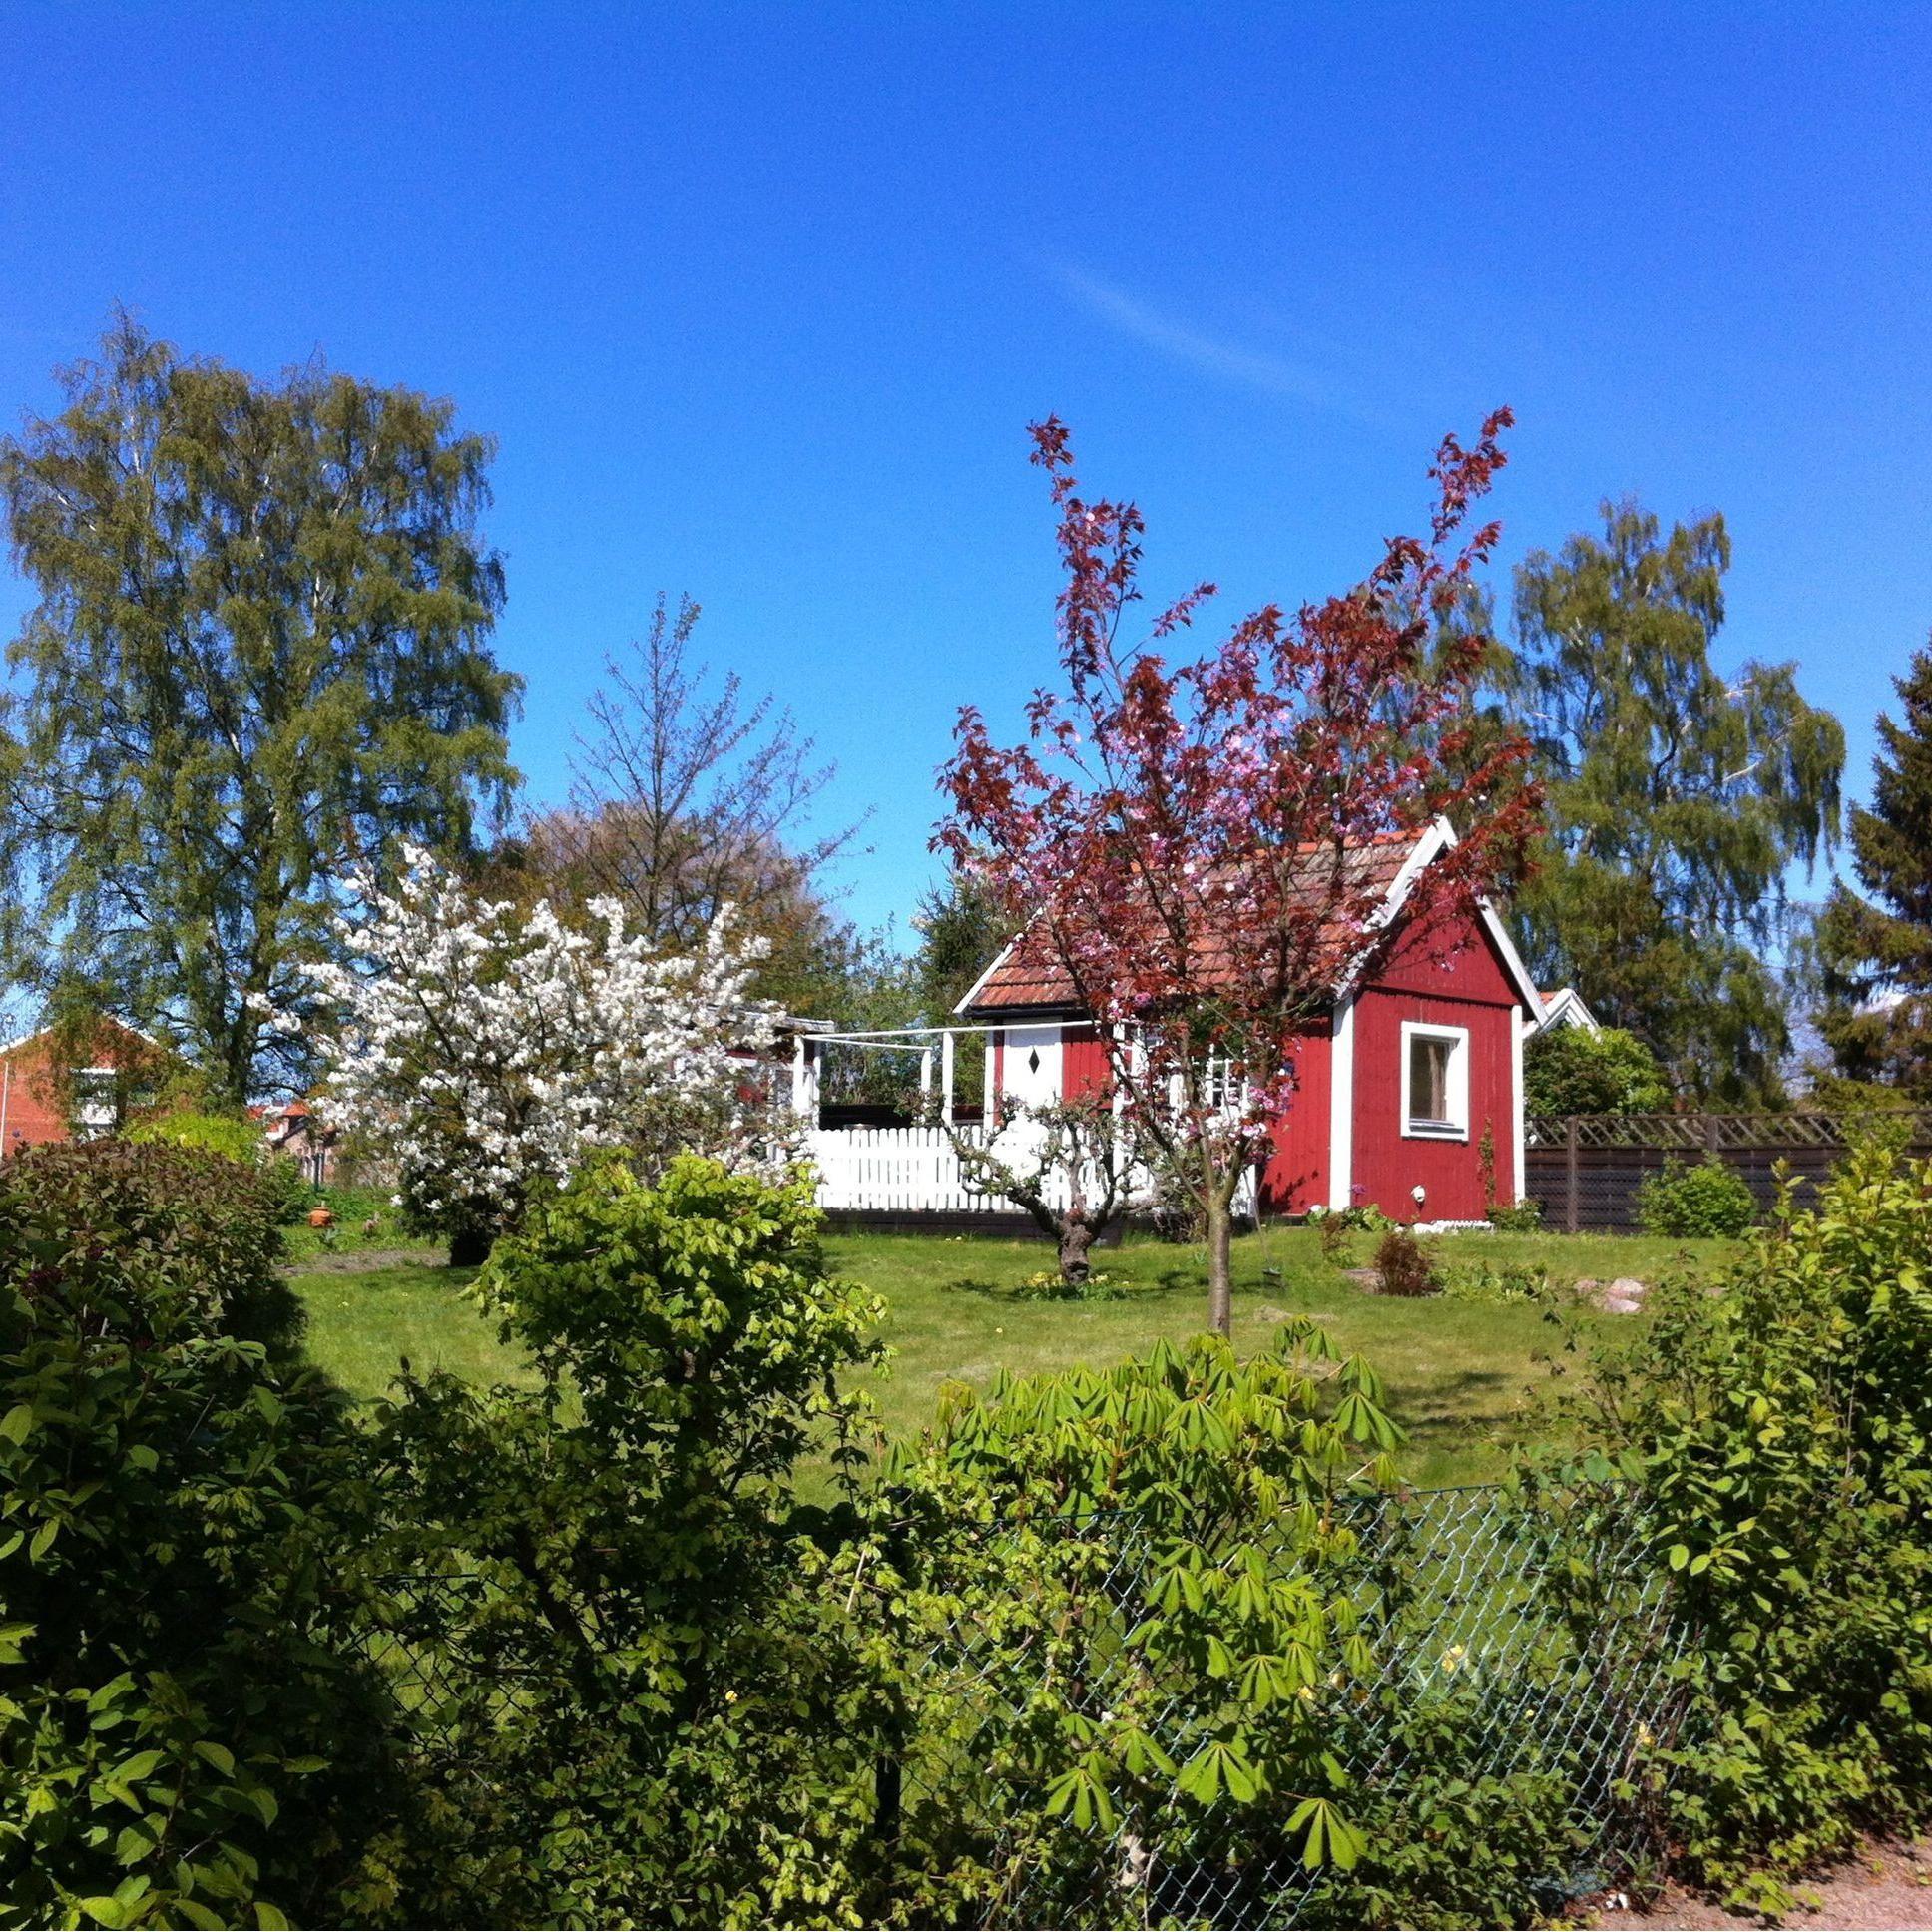 Foto: Turistbyrån Landskrona - Ven, Die Gartenkolonien Citadellkolonierna und Rothoffska Kolonin